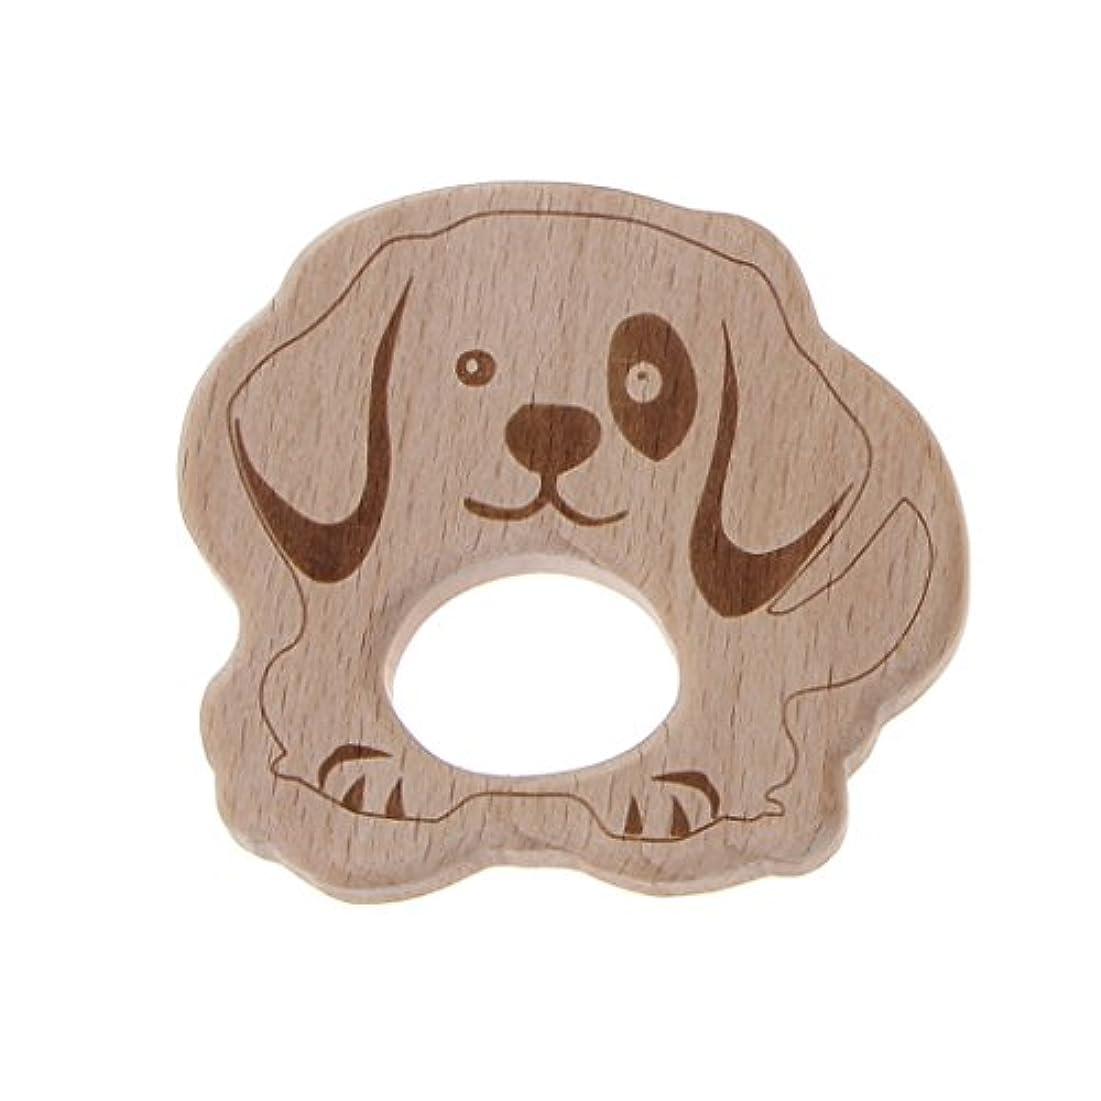 提出する道徳教育水族館ランドウッドティーザー動物ユーカリティーザー赤ちゃん看護玩具かむ玩具歯が生えるガラガラおもちゃ - 子犬